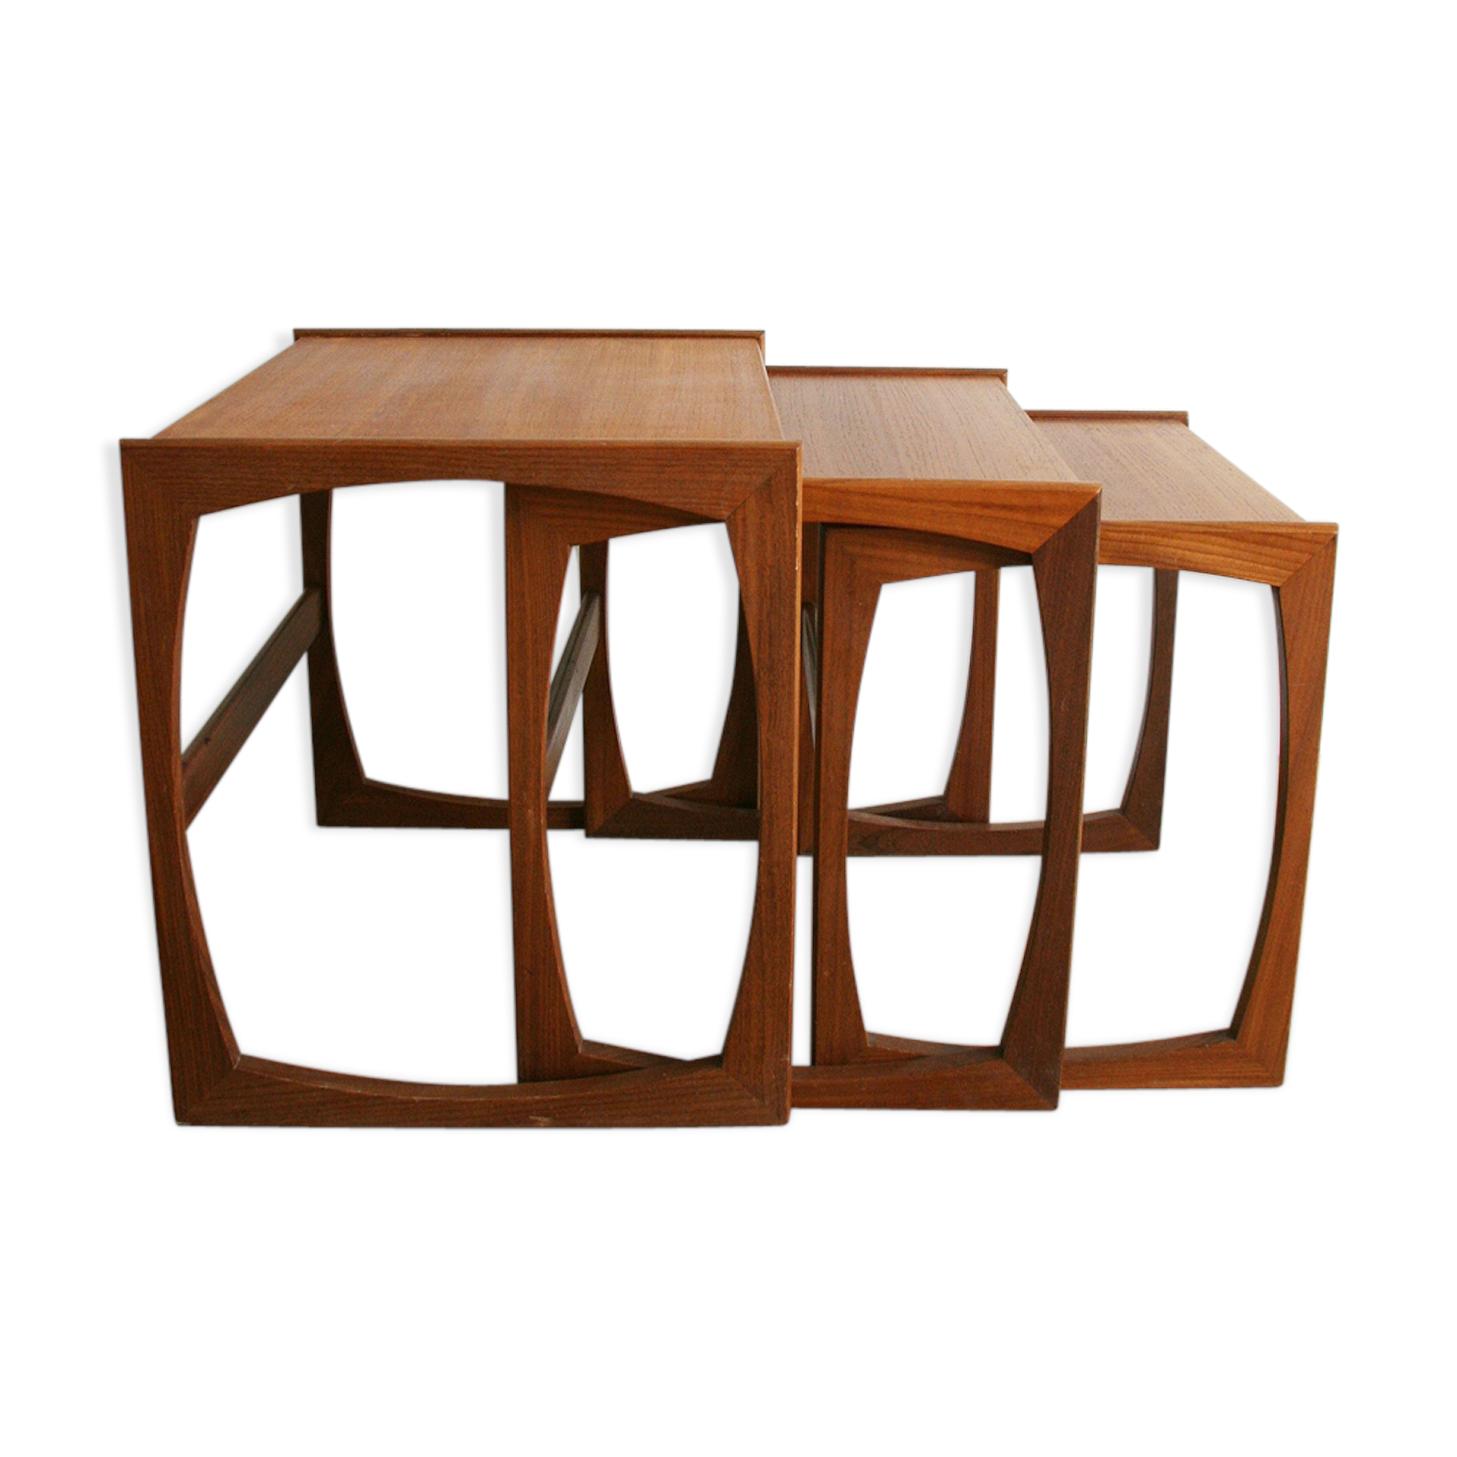 Ensemble de 3 tables basses gigognes G Plan des années 60